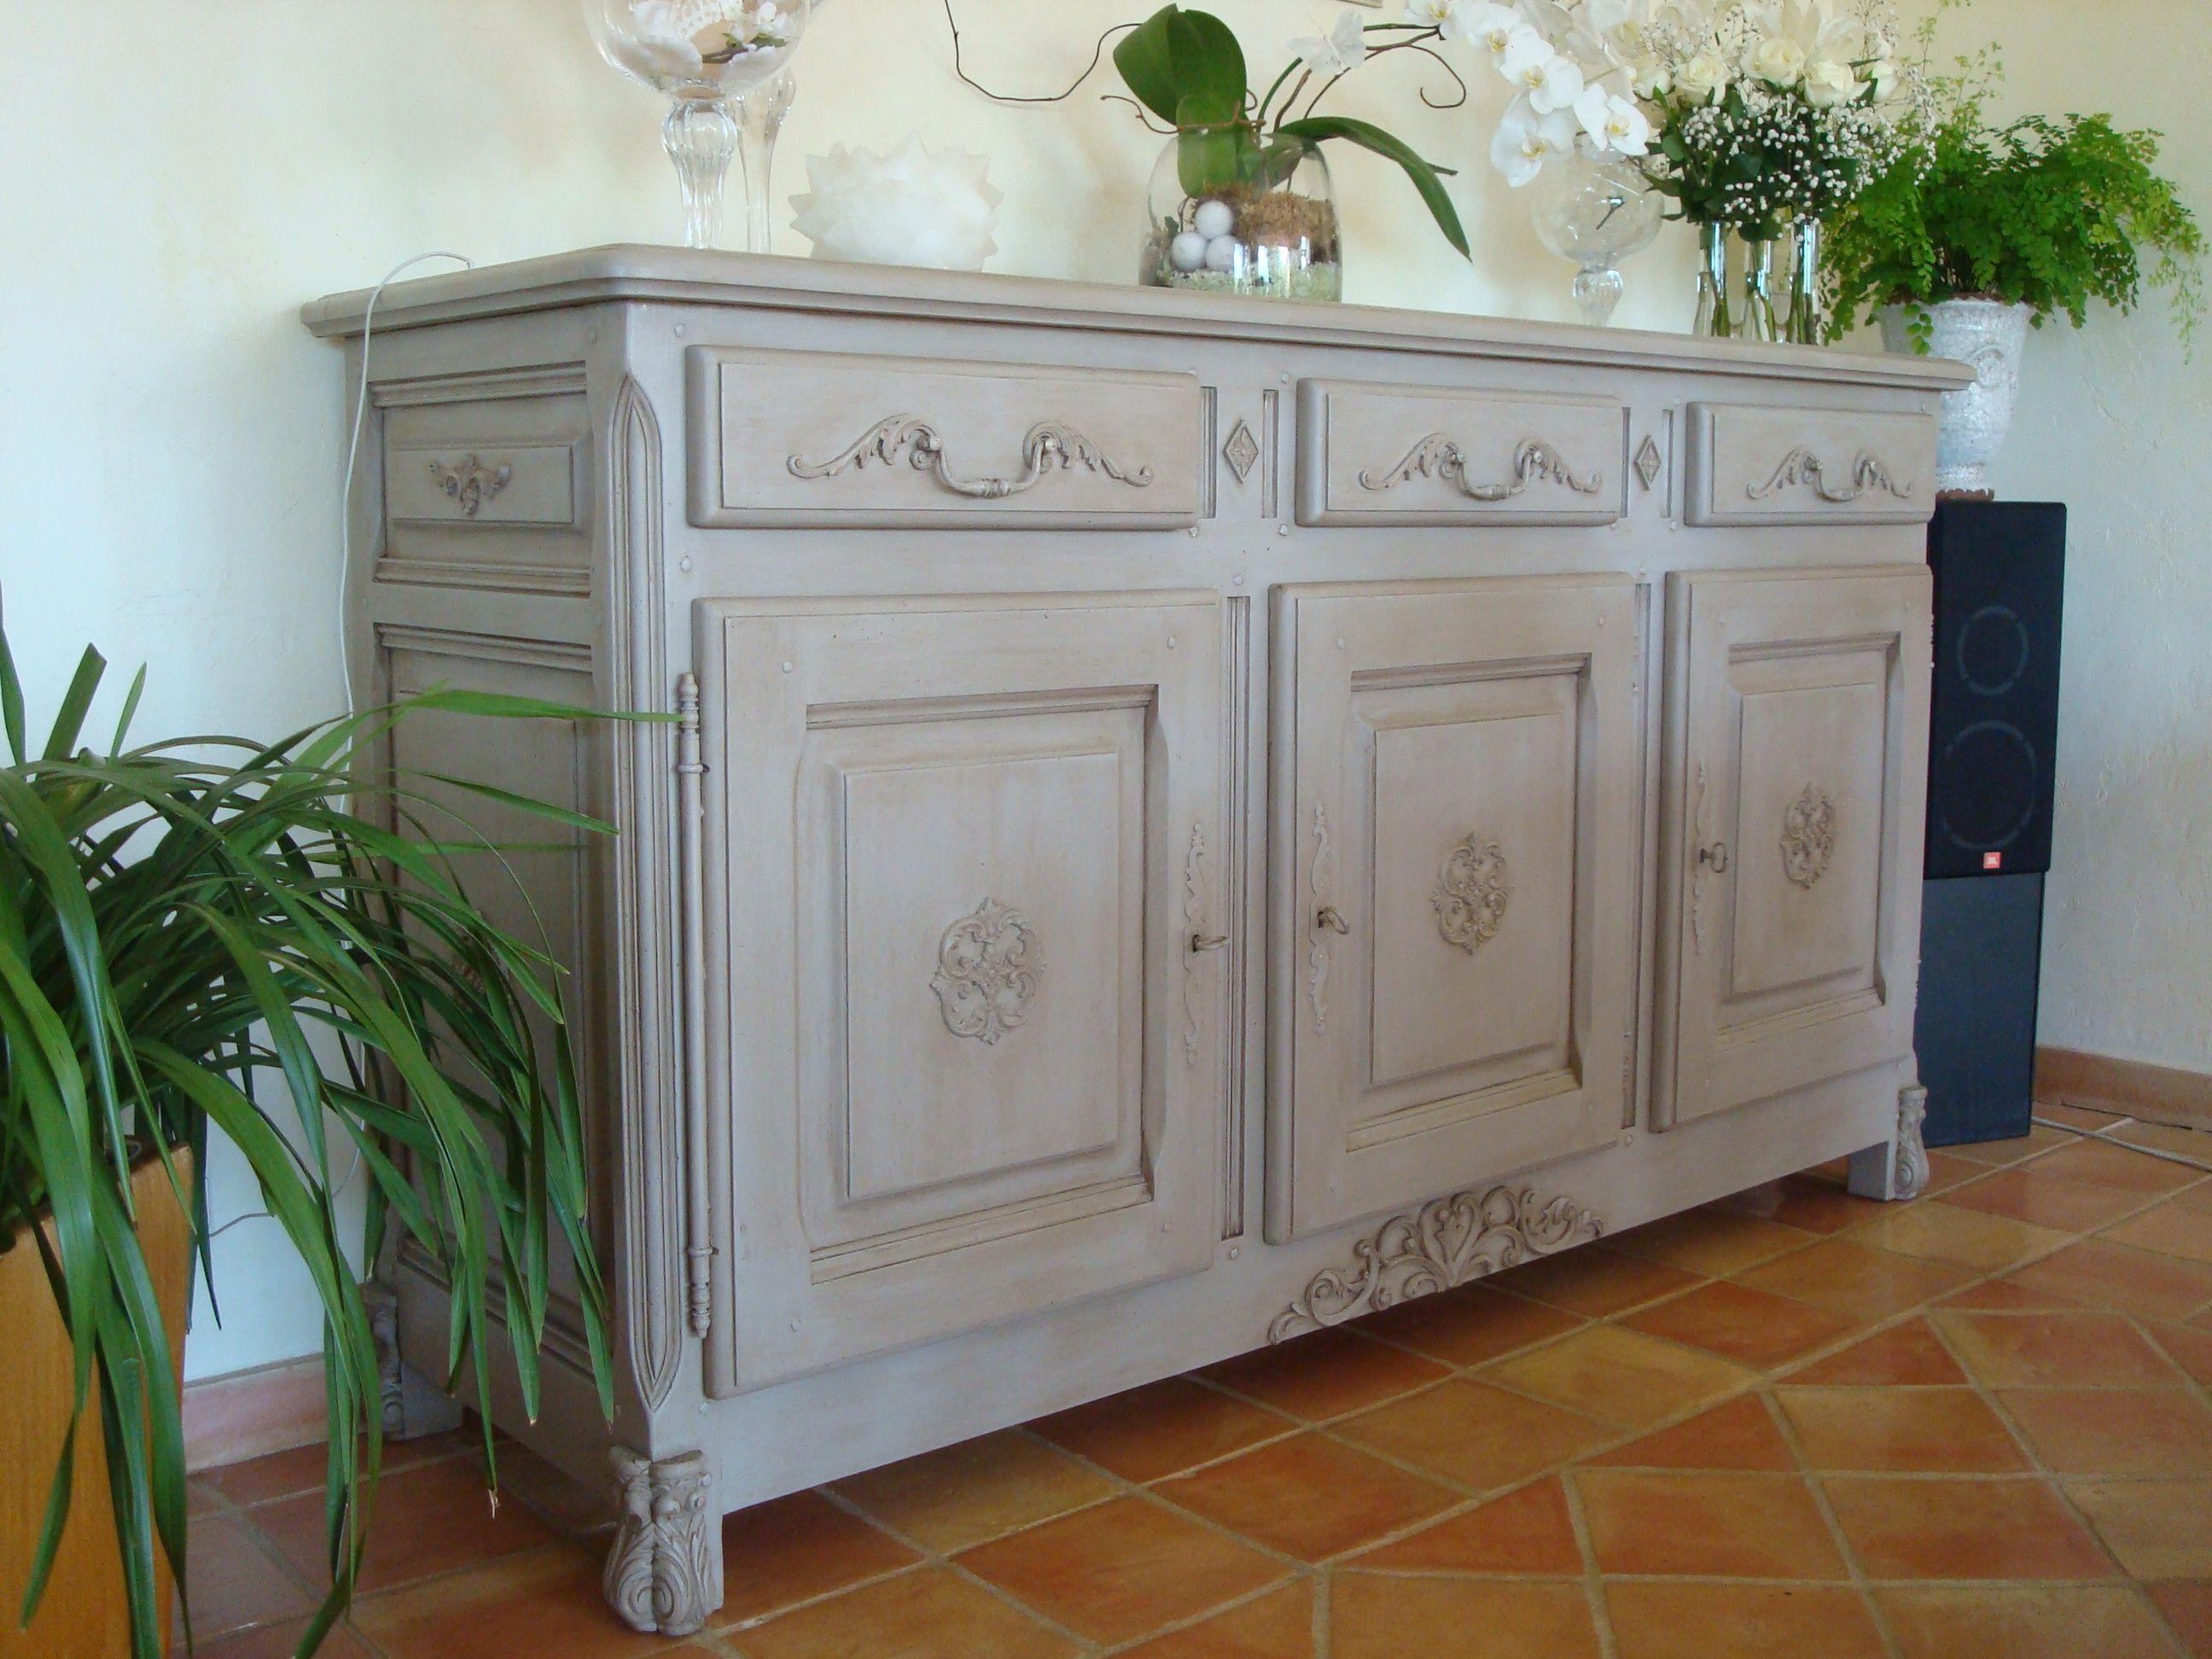 Resine Pour Peindre Meuble Bois moulure pour meuble | déco shabby chic, meuble bois brut, meuble